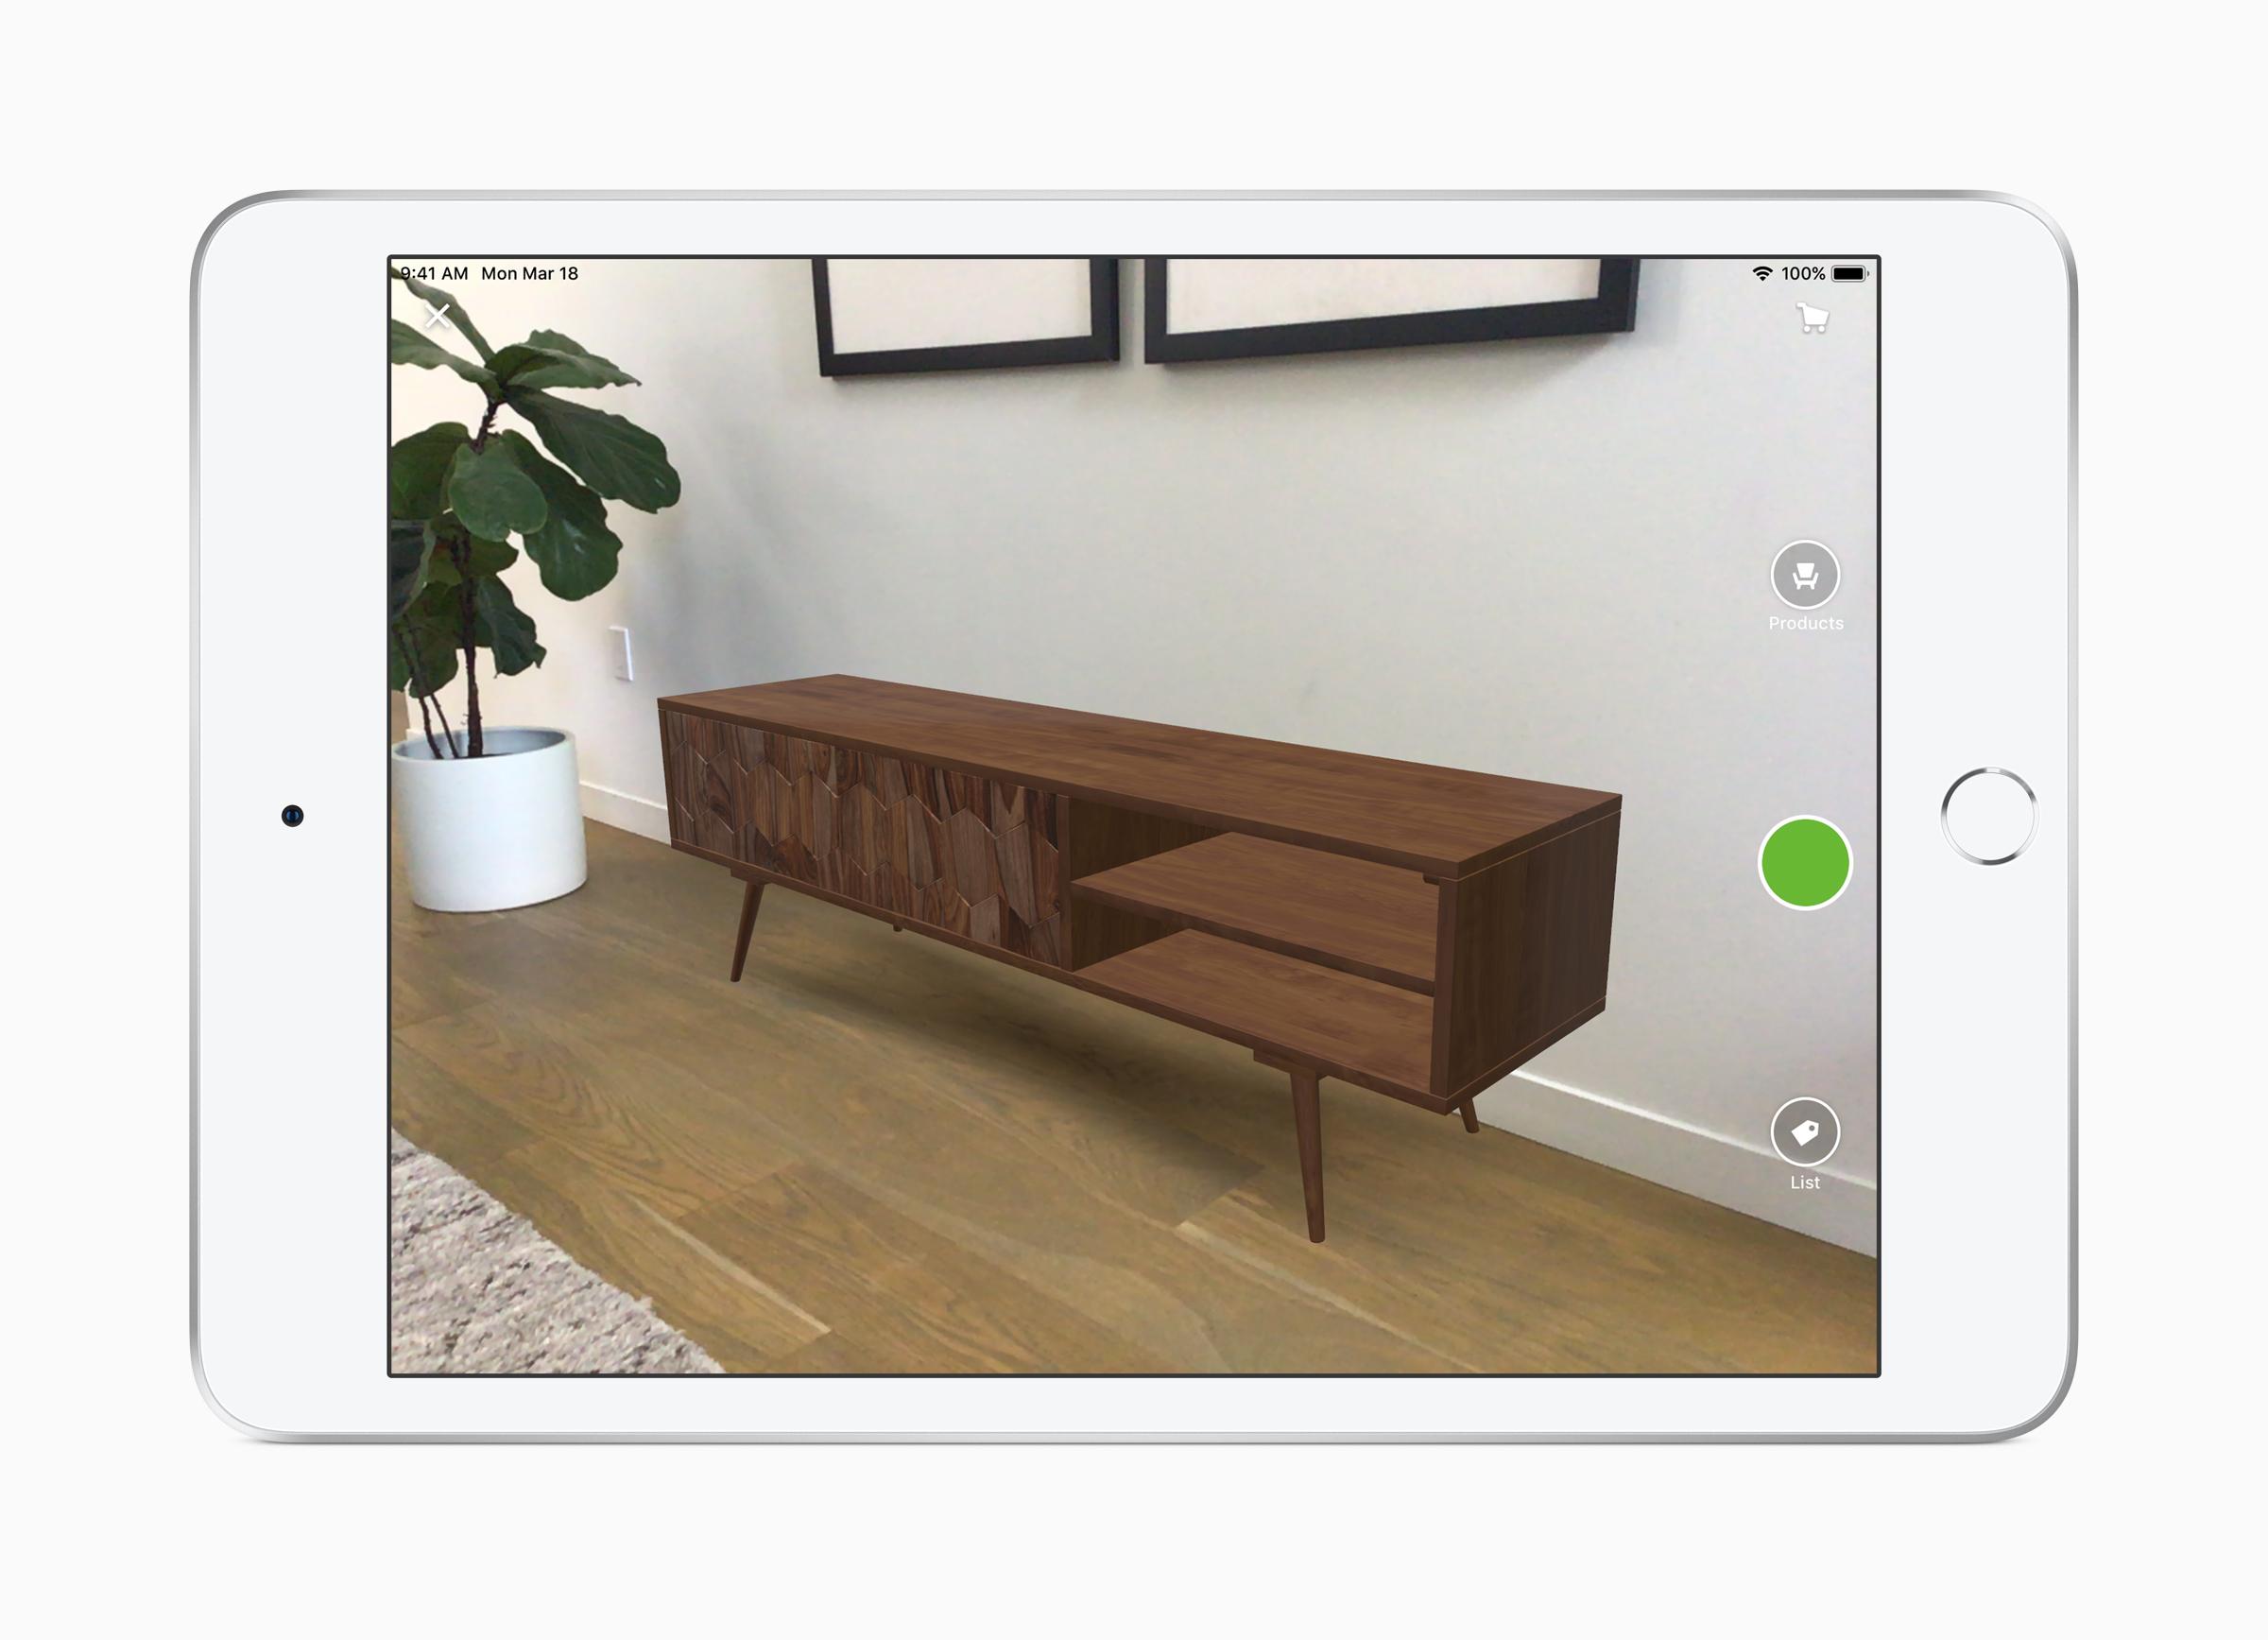 New-iPad-Air-AR-screen-03192019.jpg